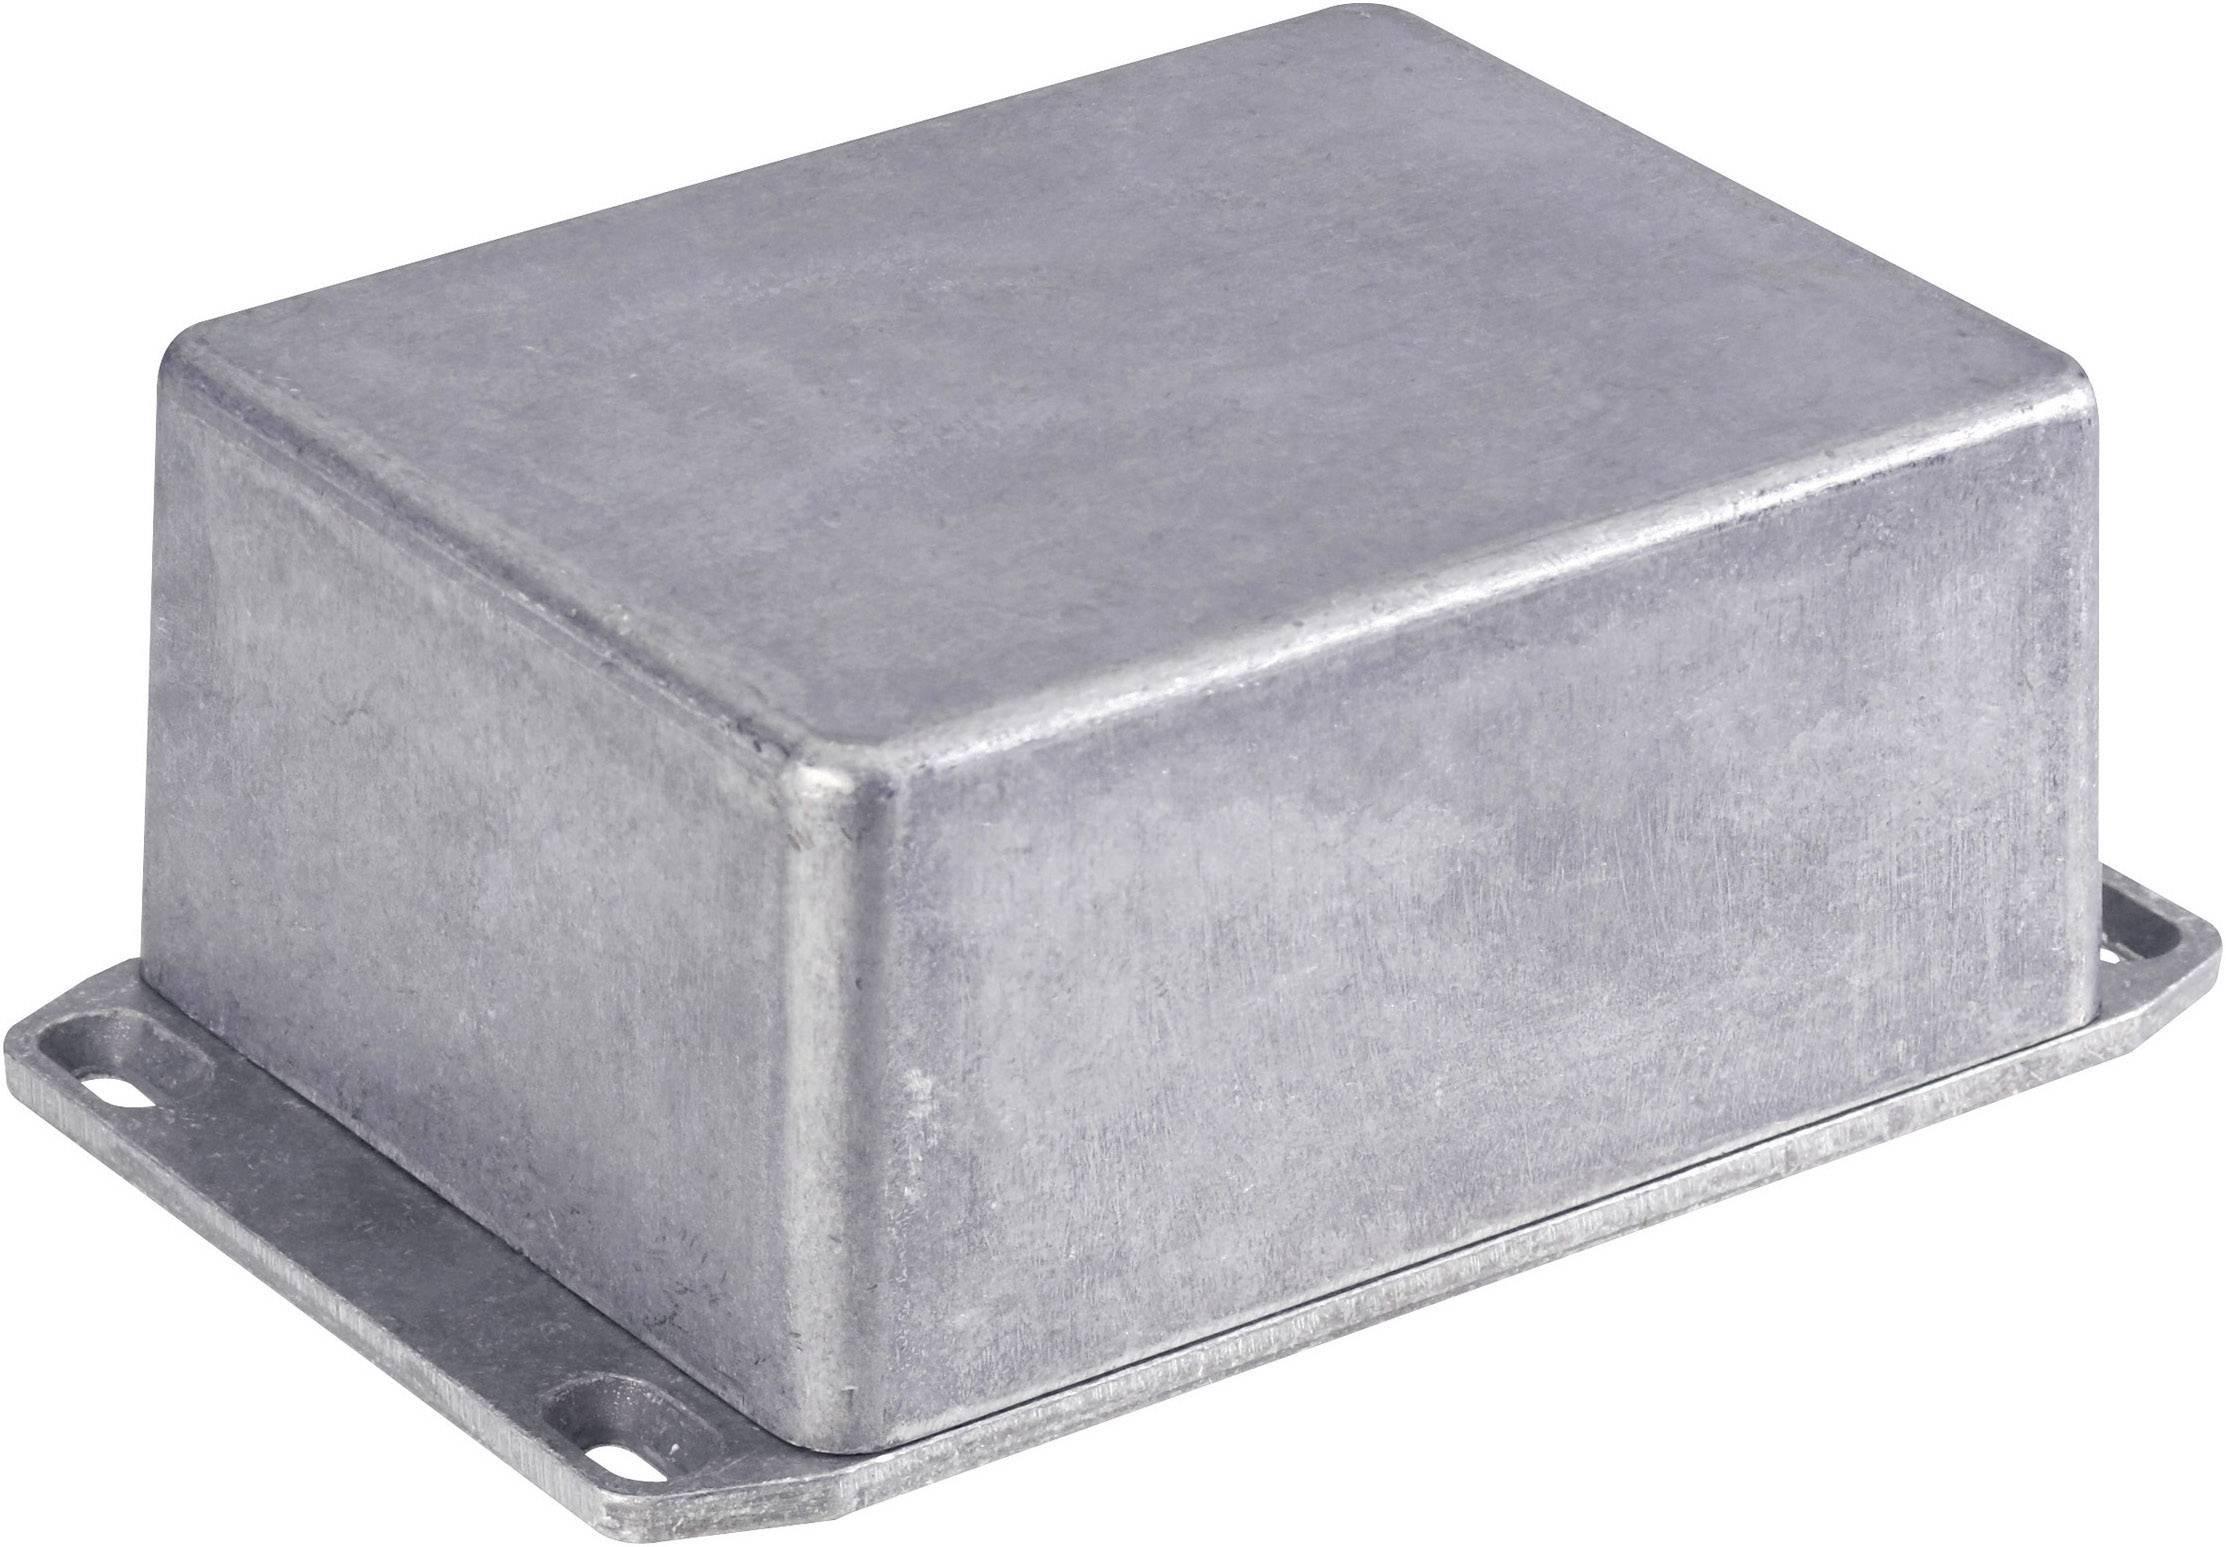 Tlakem lité hliníkové pouzdro Hammond Electronics, (d x š x v) 120 x 120 x 94 mm, hliníková